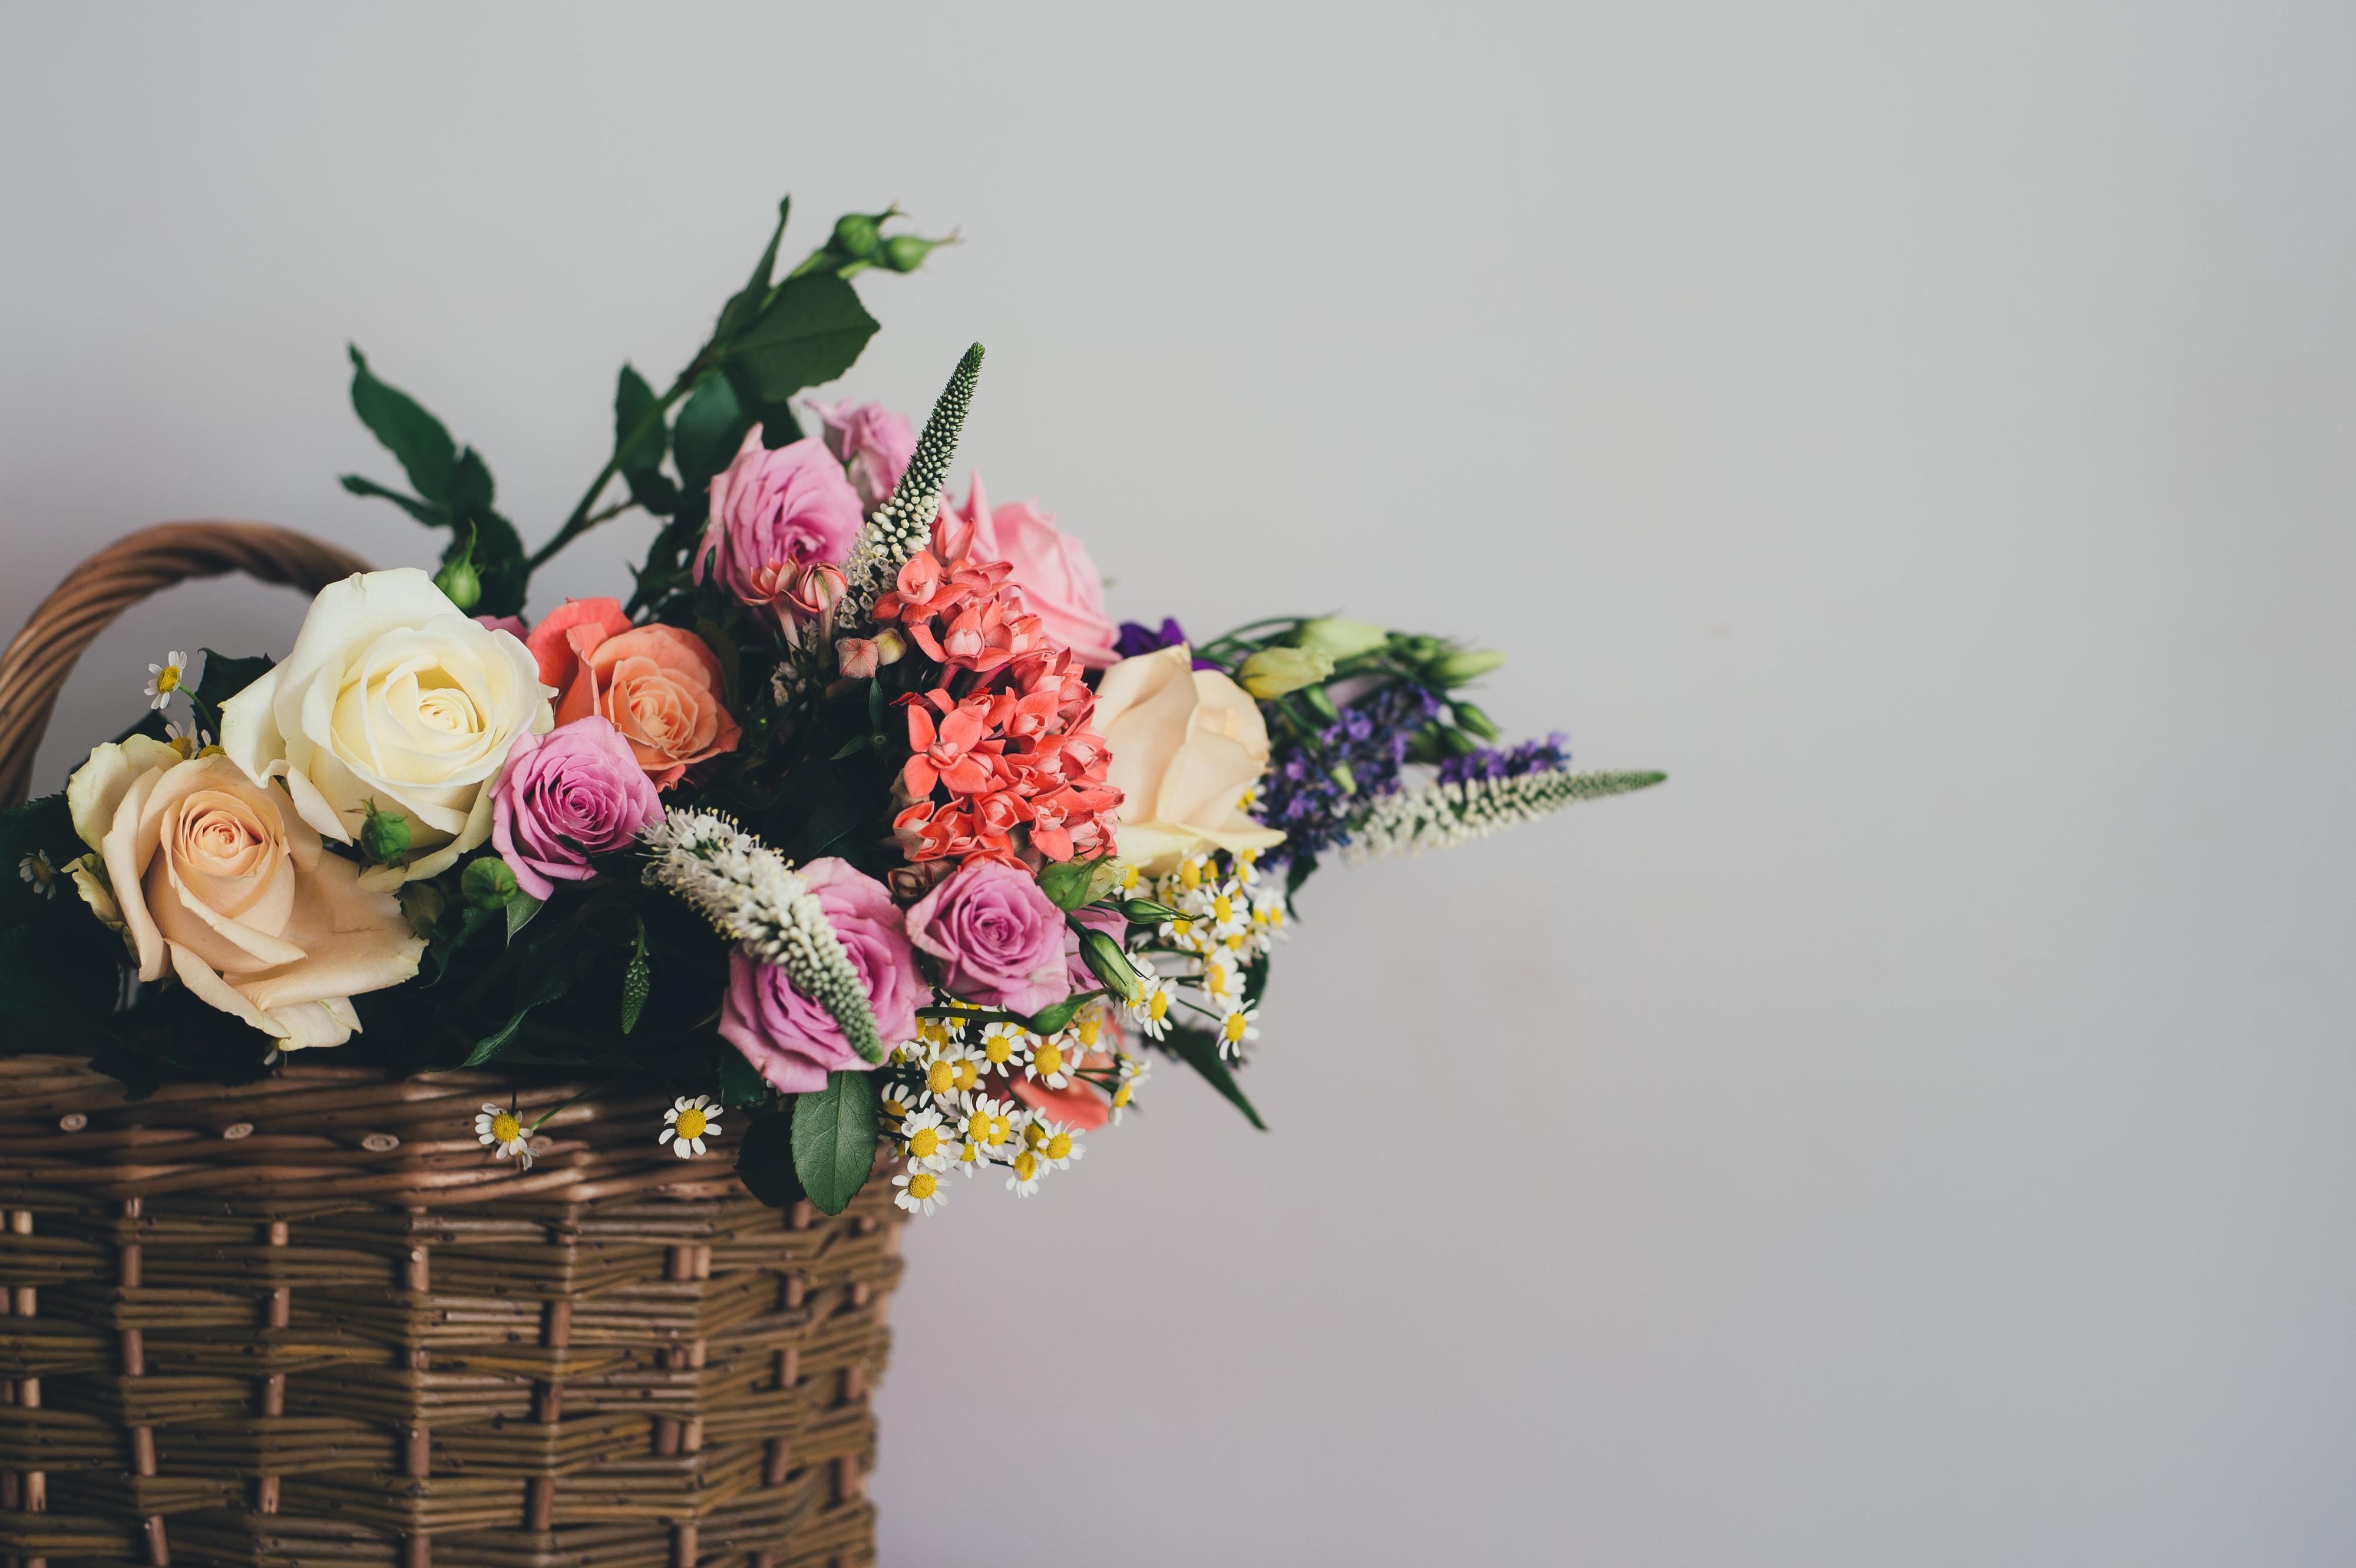 Obyčejným vázám odzvonilo